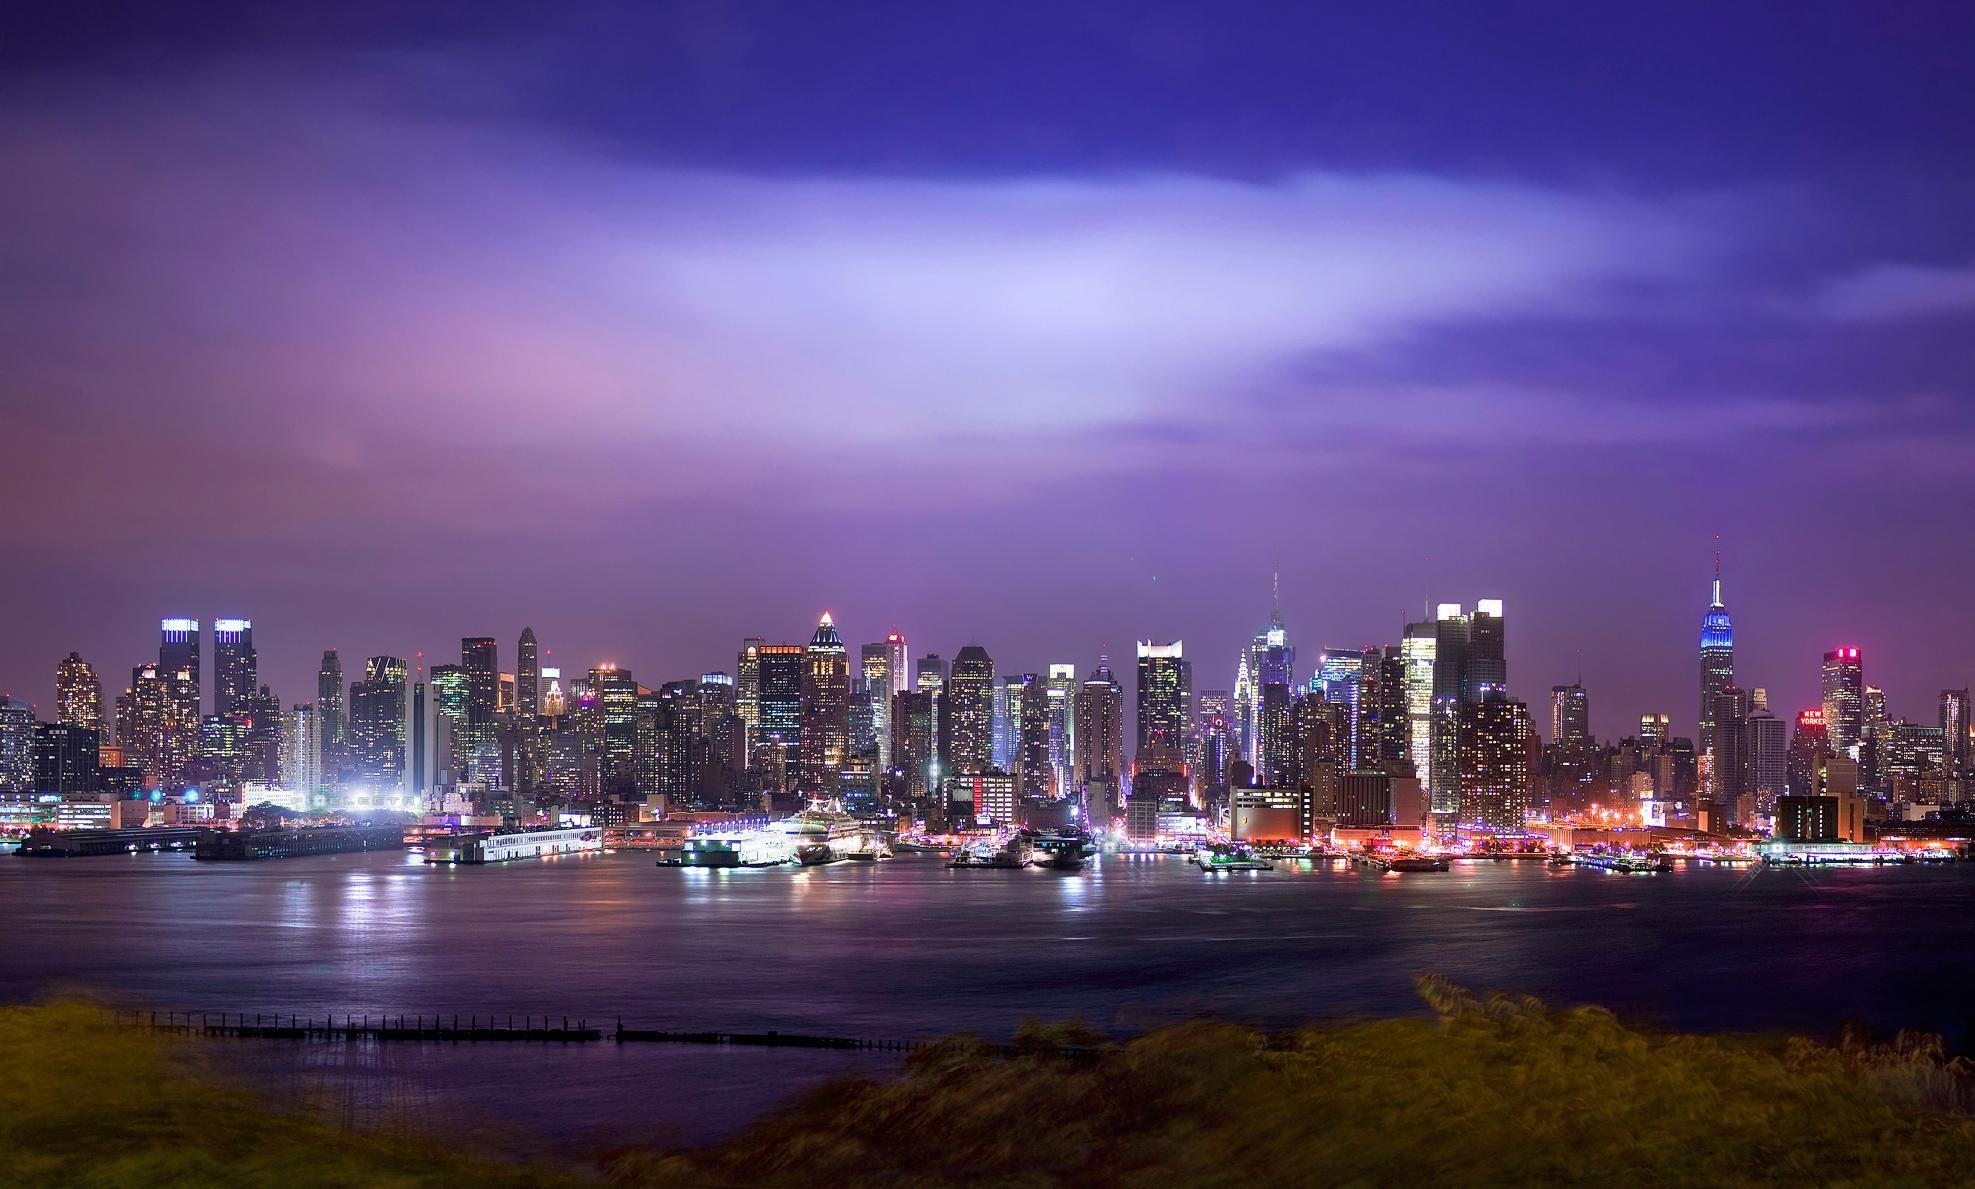 фото панорамы ночной город диких животных